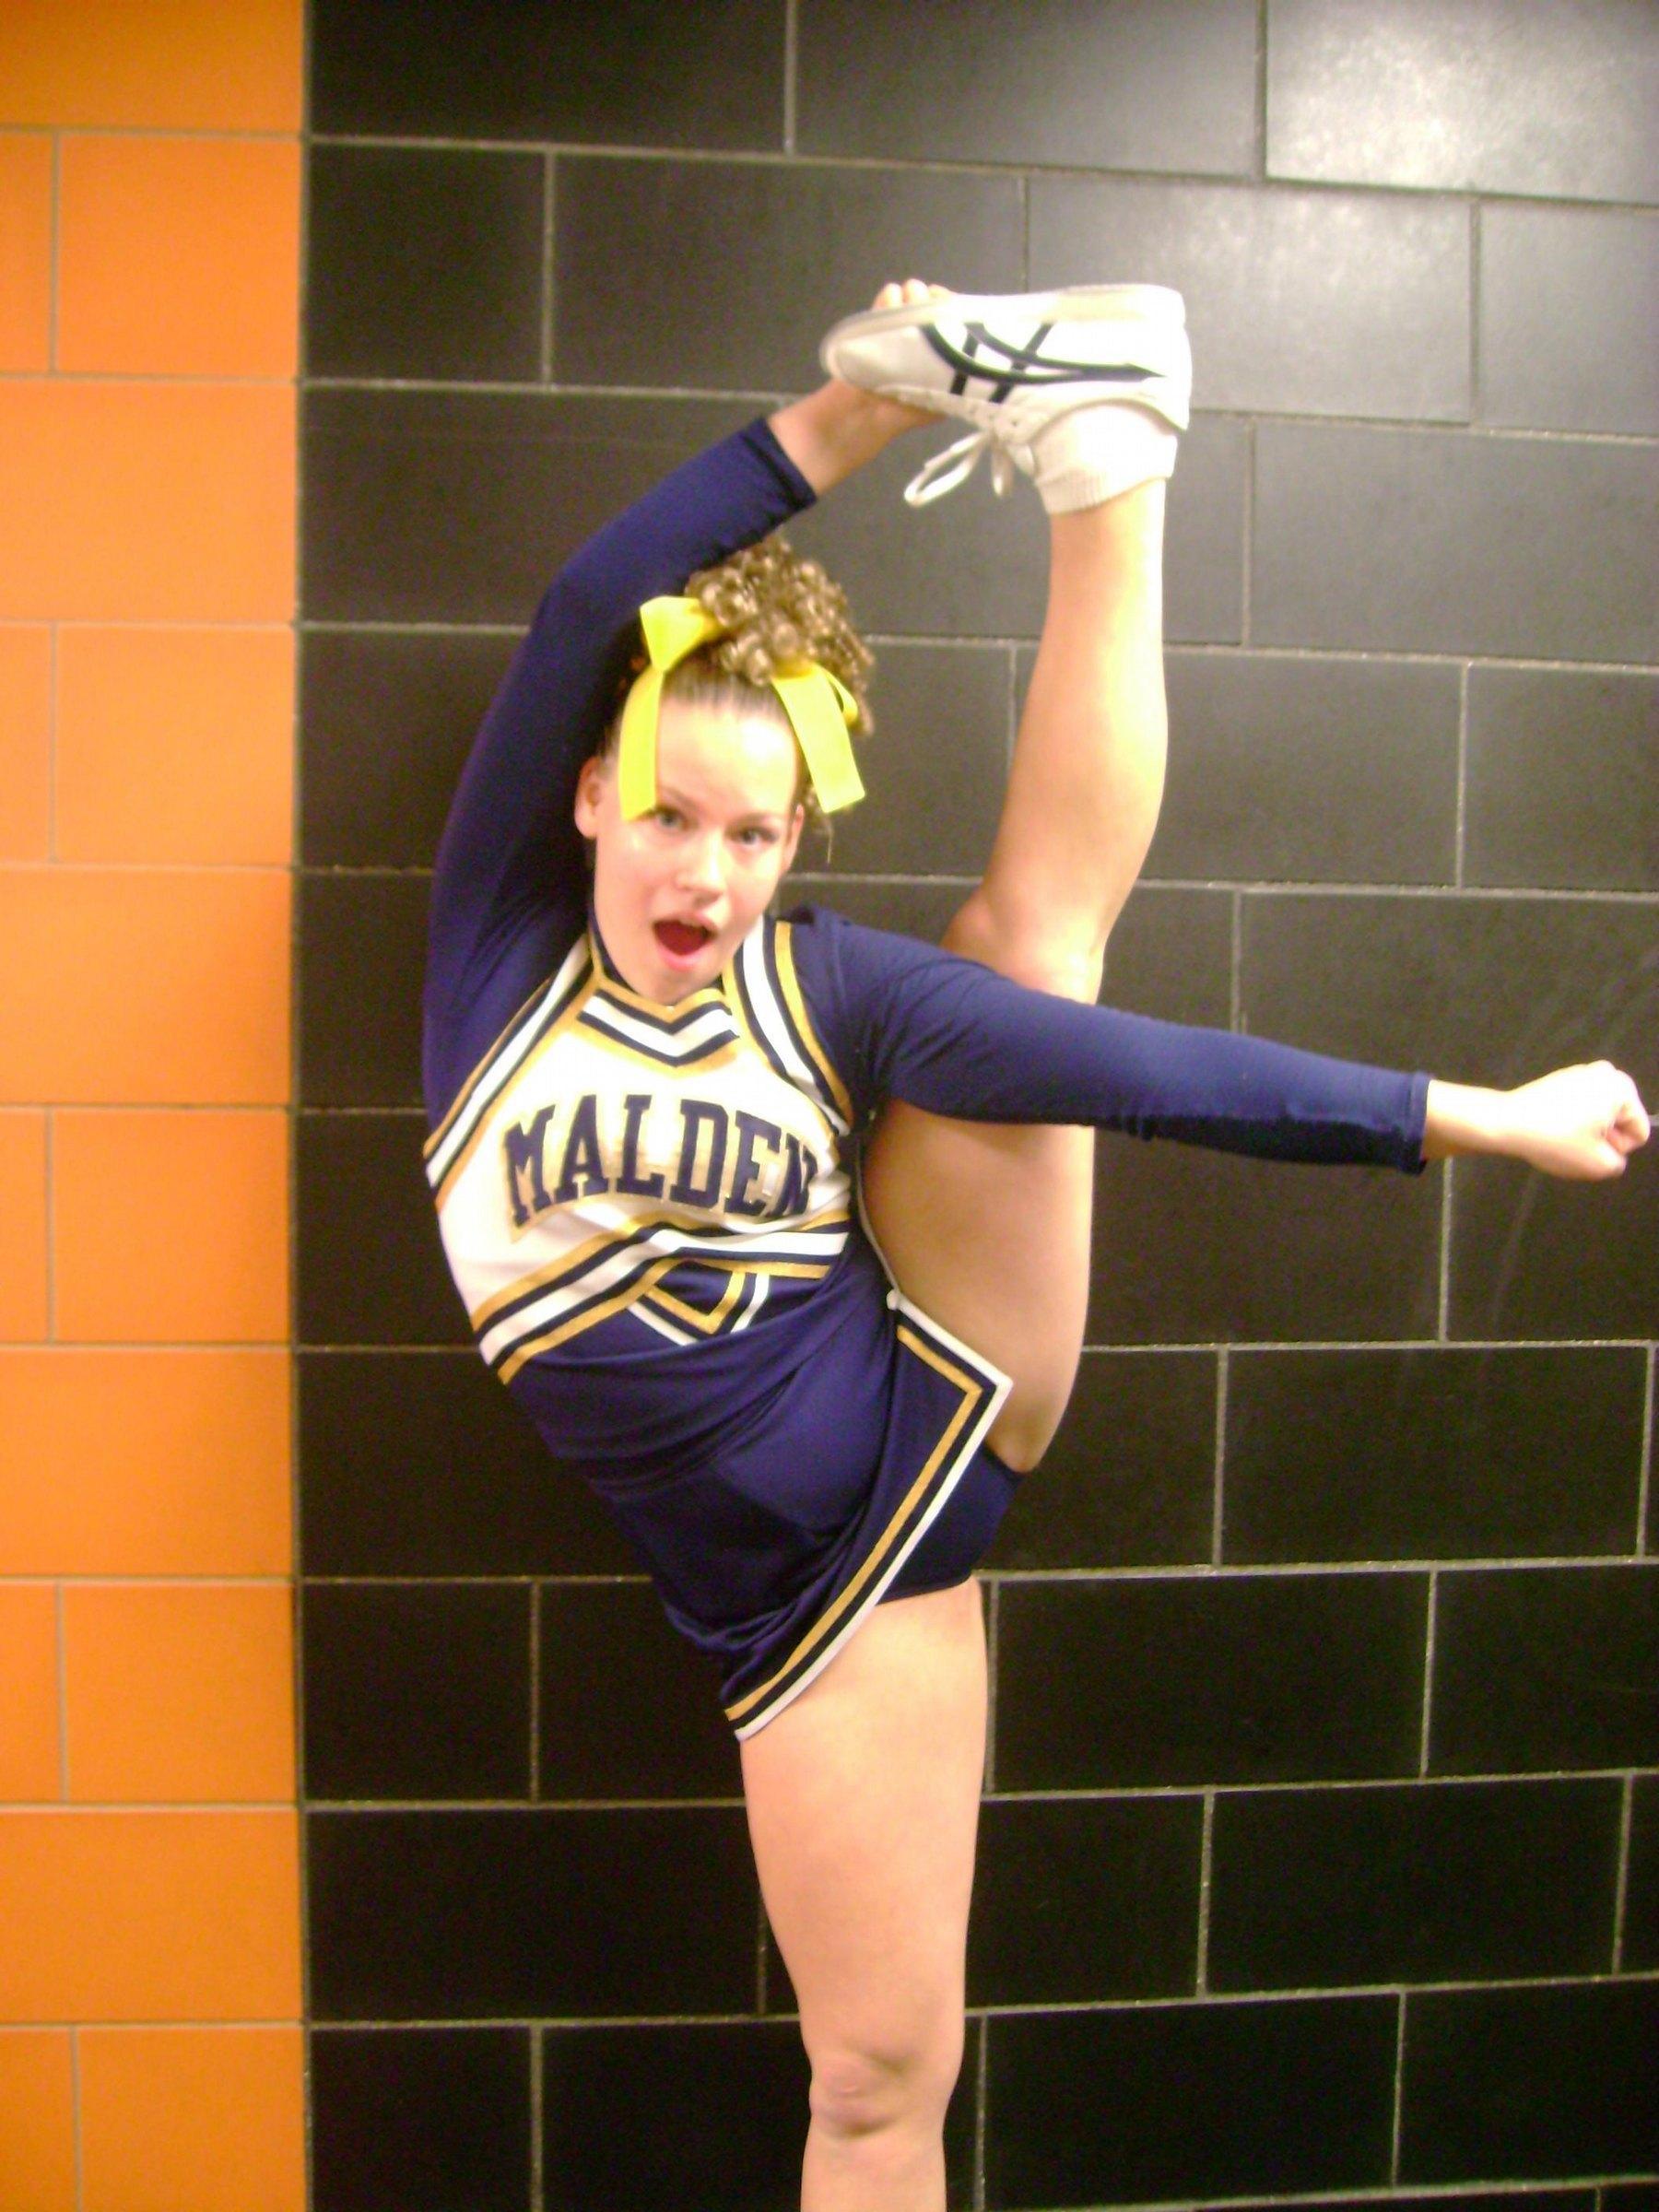 best of Upskirt Cheerleaders tubes dancers